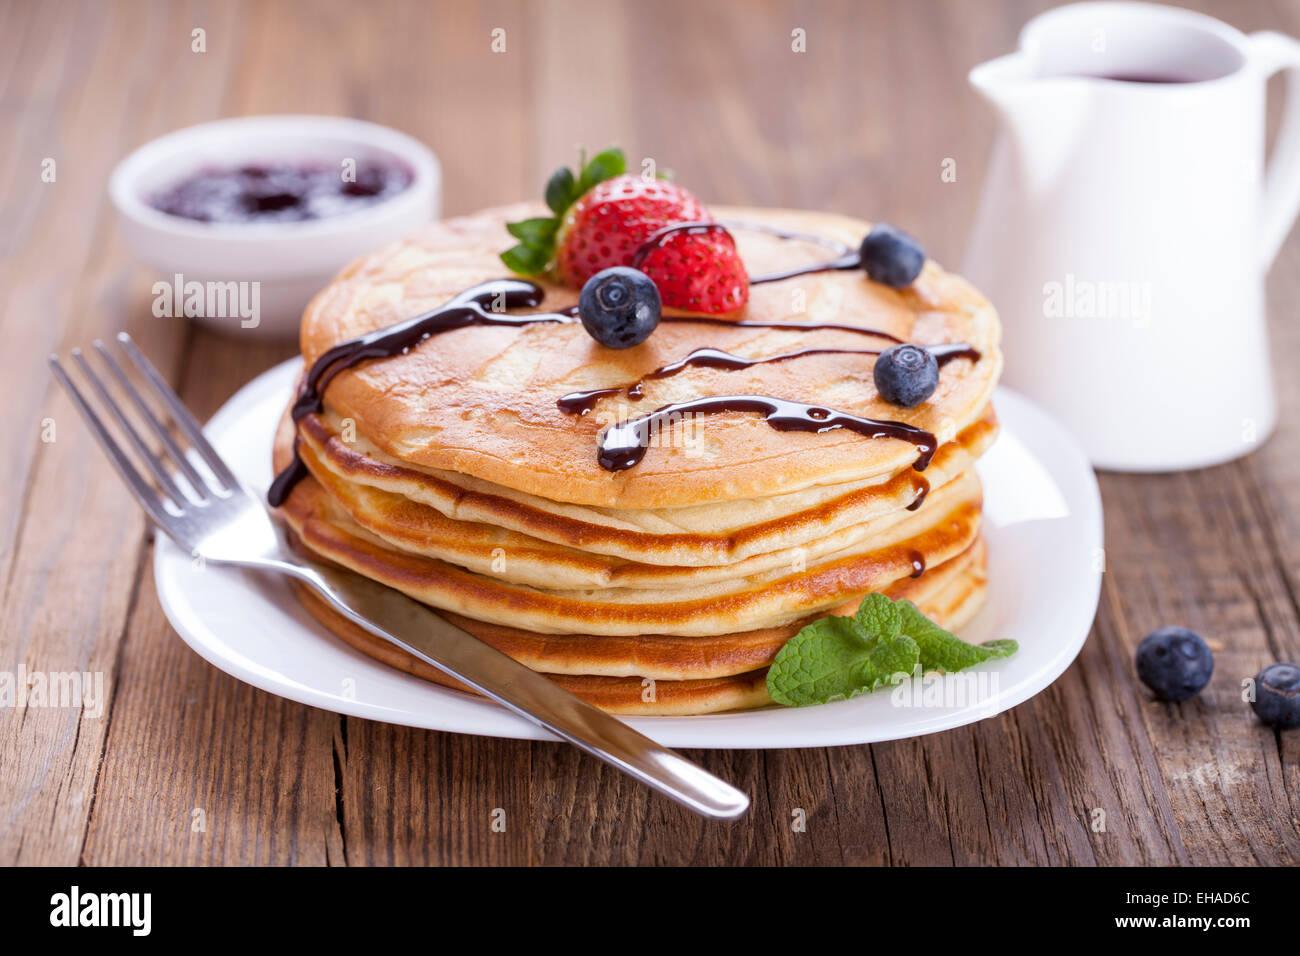 Dulces deliciosos panqueques americanos en un plato con frutas frescas y addons. Imagen De Stock